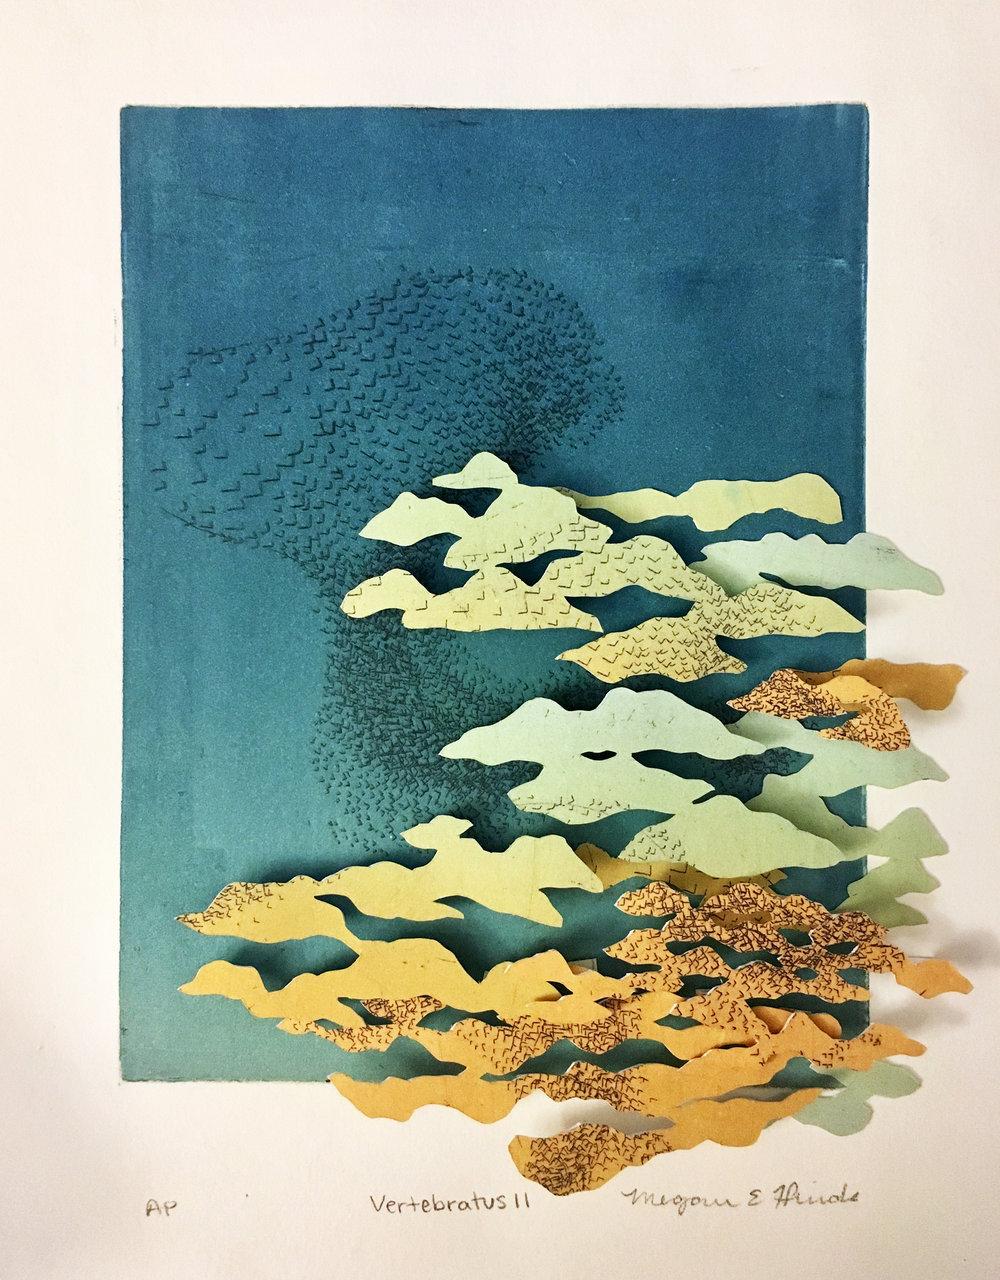 Megan Hinds_Image7_Vertabratus II _ntaglio, Monotype, Hand cut paper_8ΓÇ¥ x 10ΓÇ¥ x 2ΓÇ¥_$150  .jpg